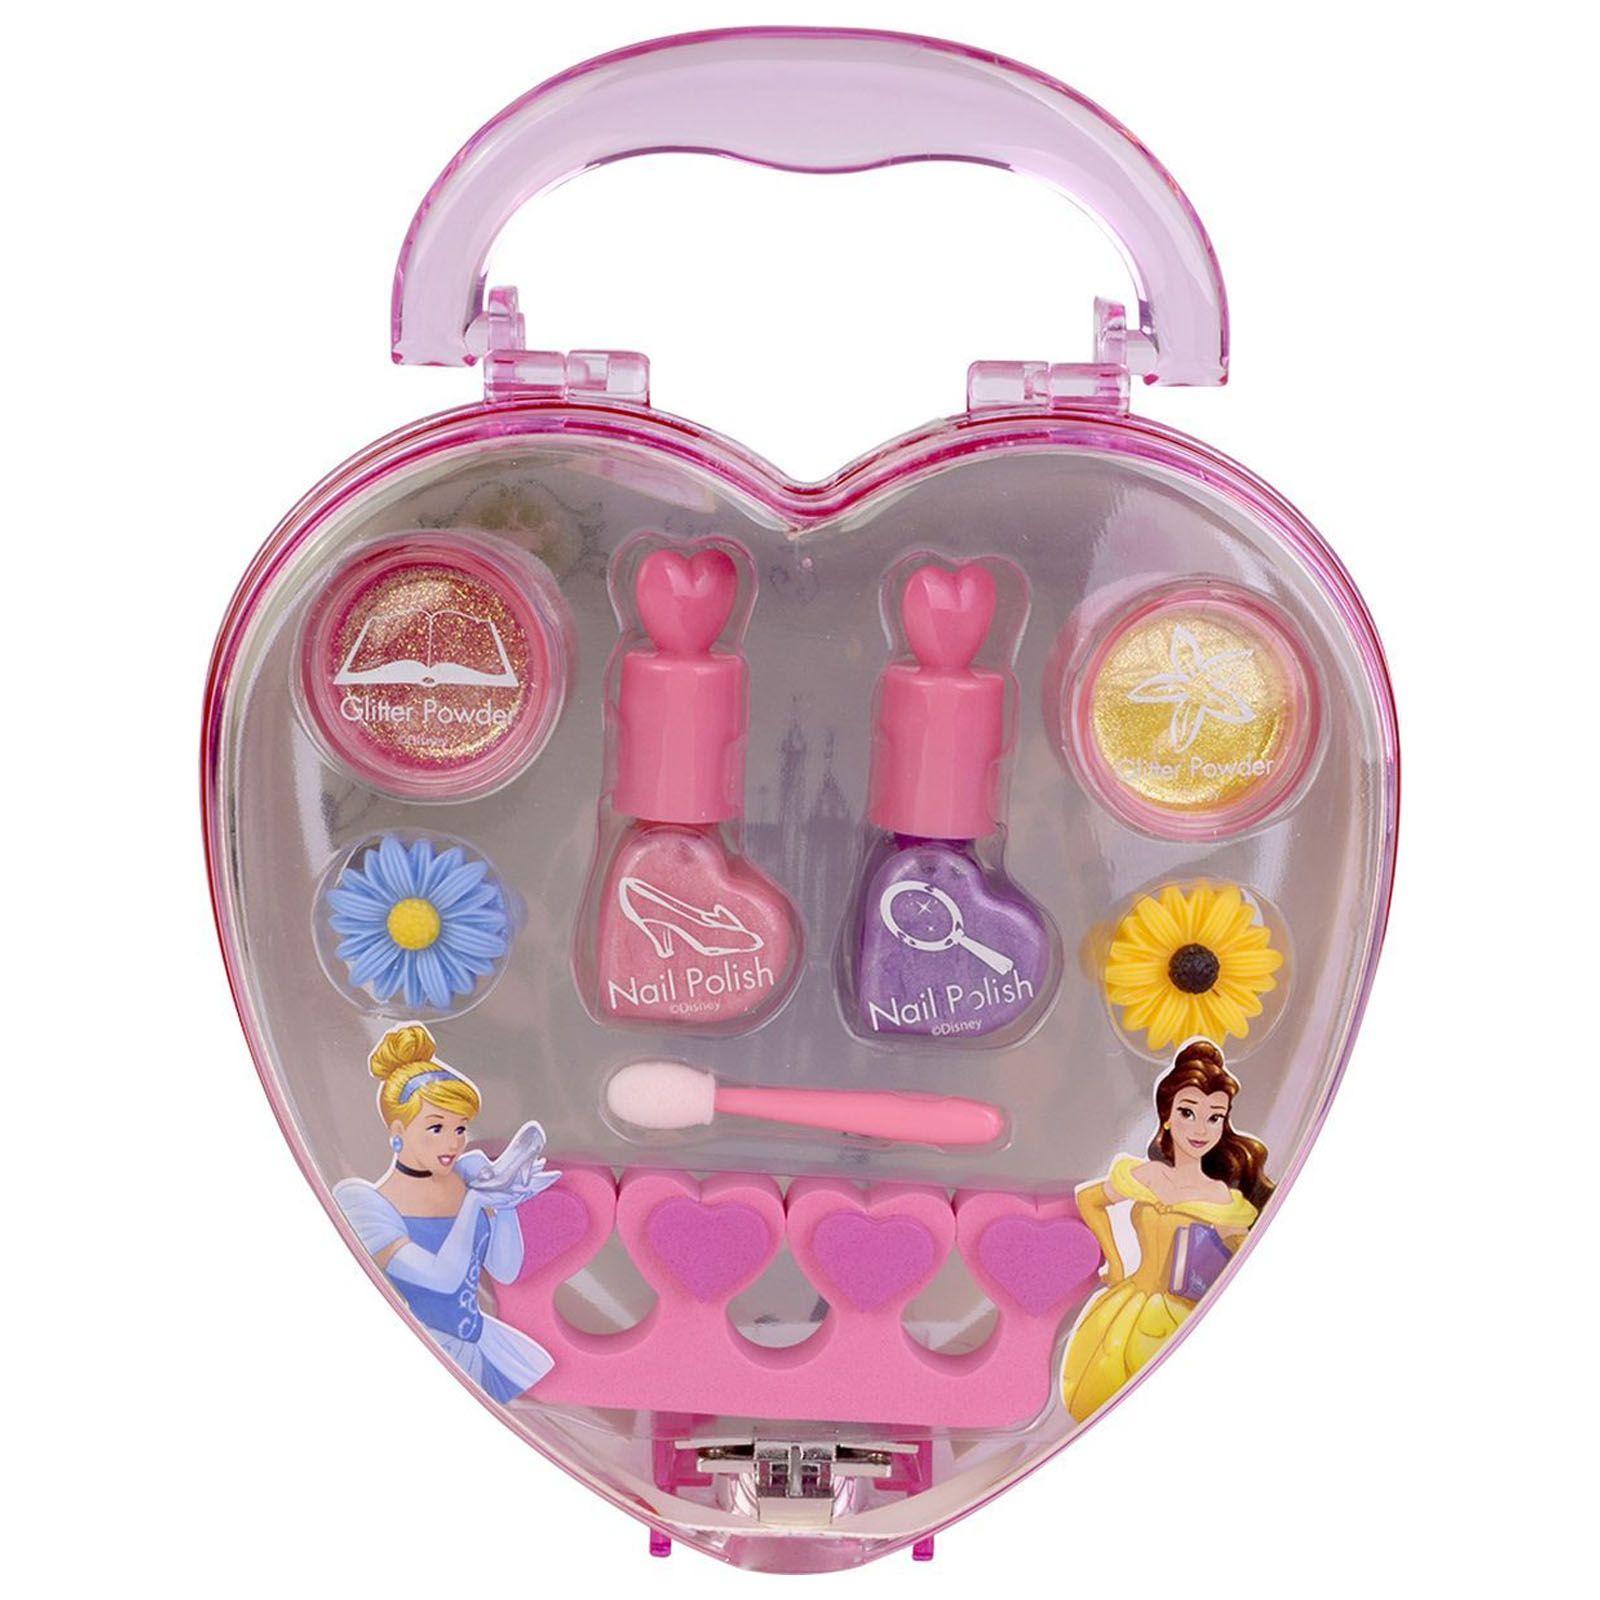 Набор детская декоративная косметика для девочек купить в спб эйвон хочу заказать косметику